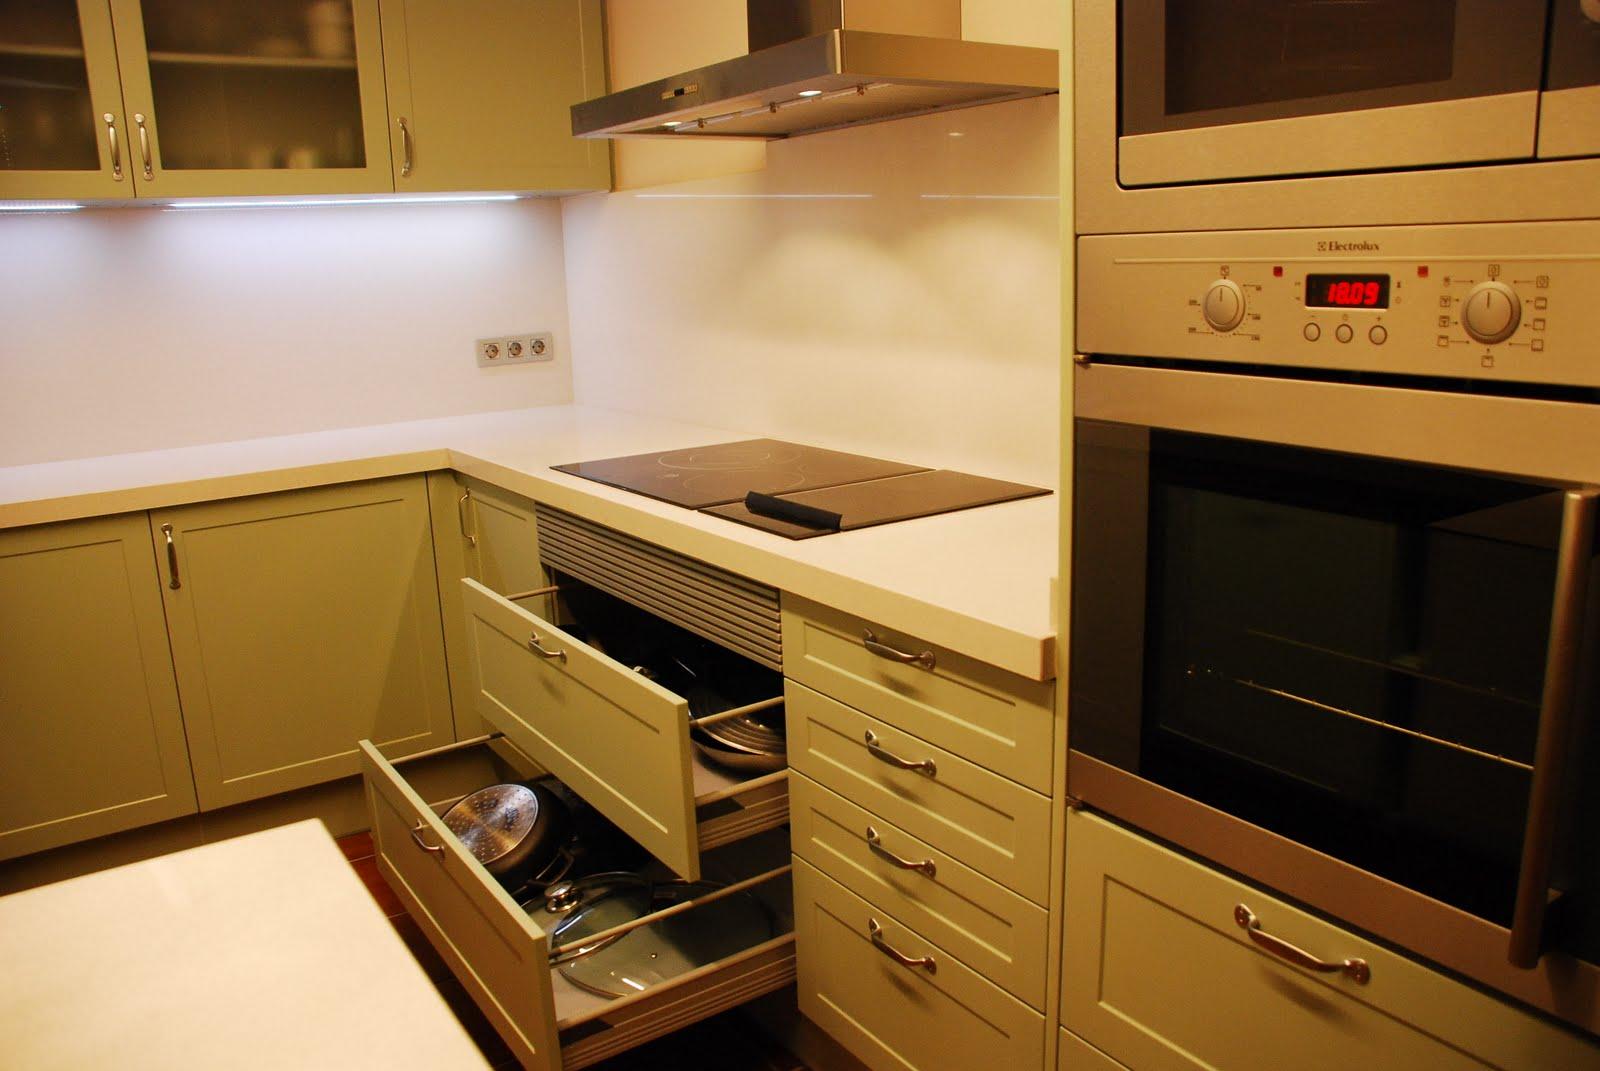 In venta una cocina de pueblo - Cocinas de pueblo ...